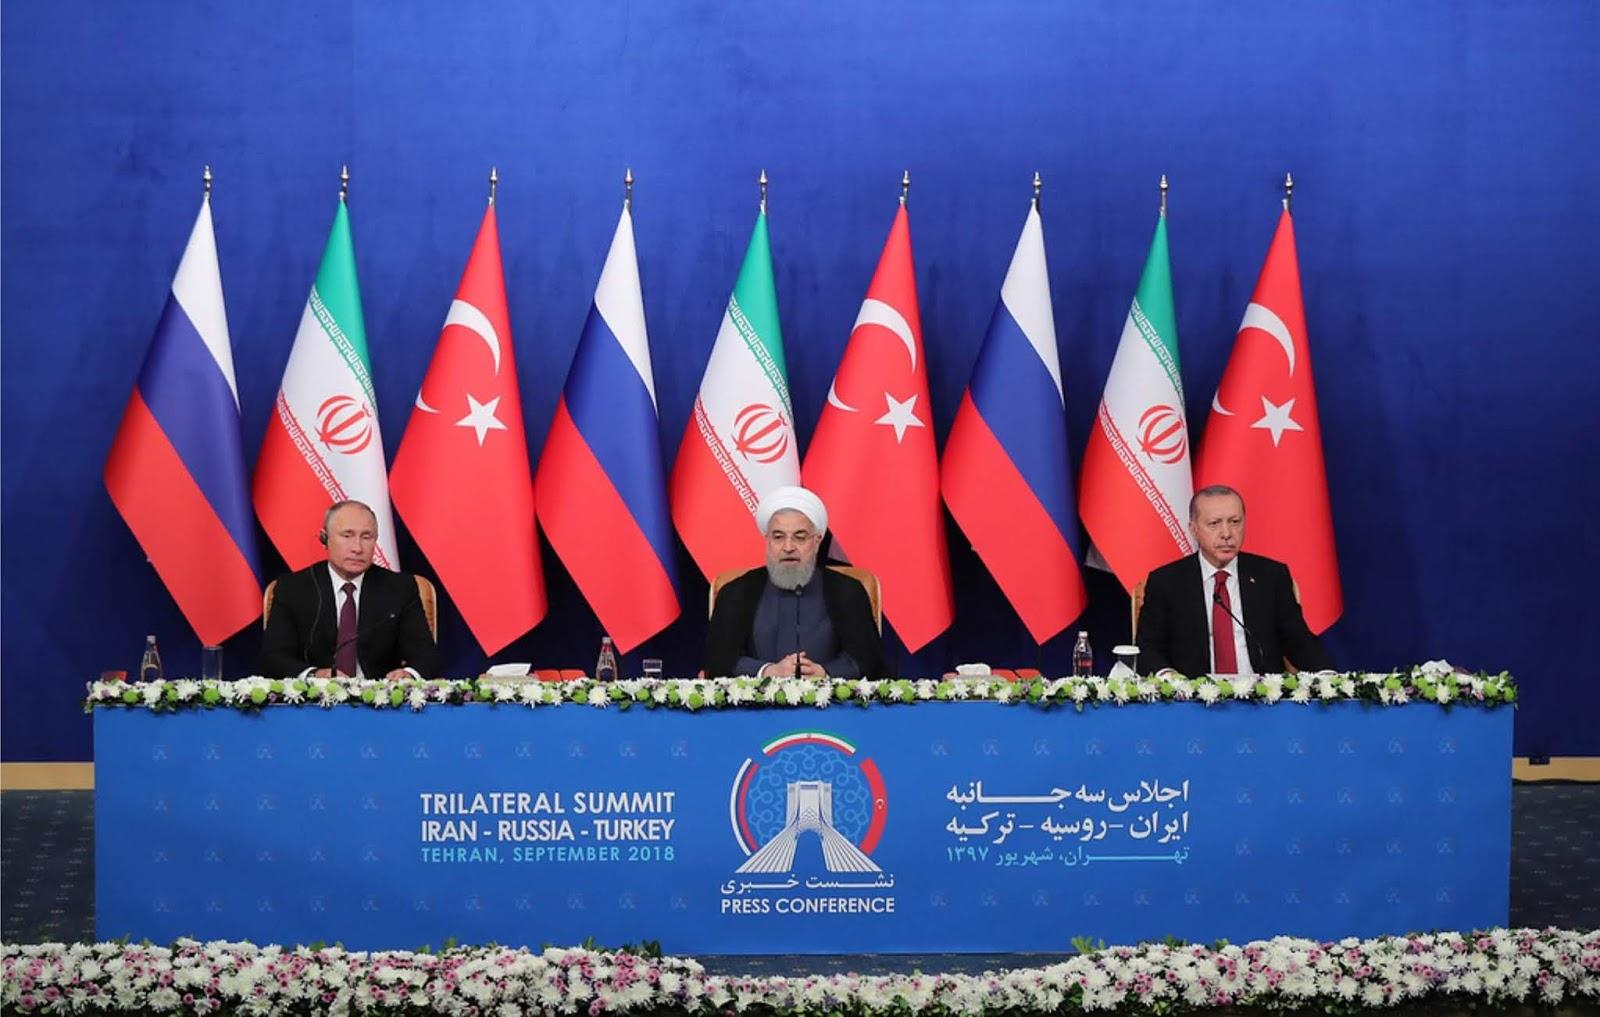 Presiden Rusia, Iran, dan Turki menyepakati langkah untuk penyelesaian di Suriah